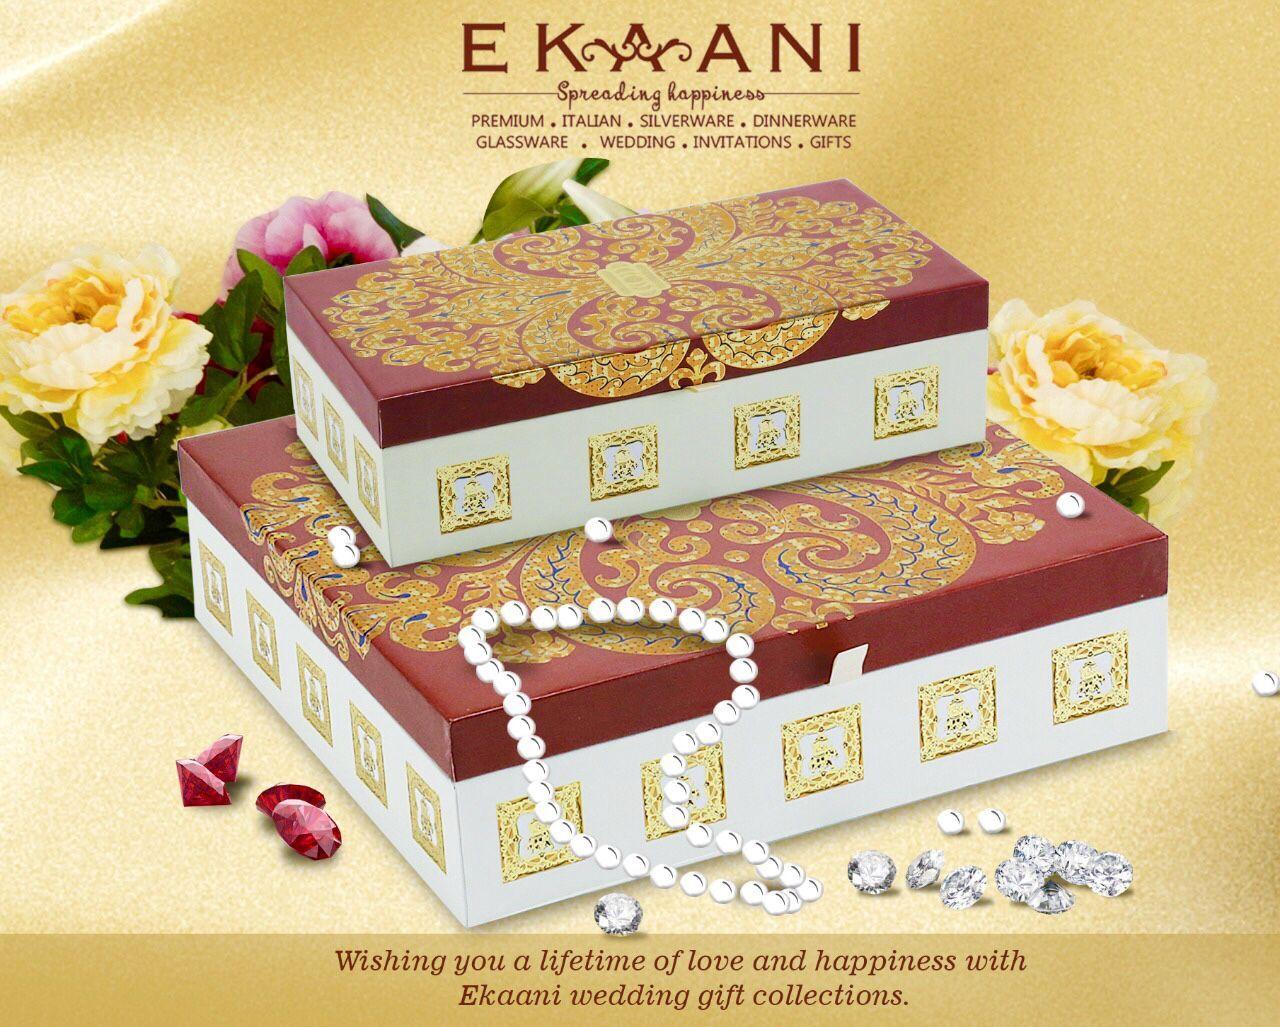 Ekaani Wedding Gift Box Collection Ekaani Wedding Gift Boxes